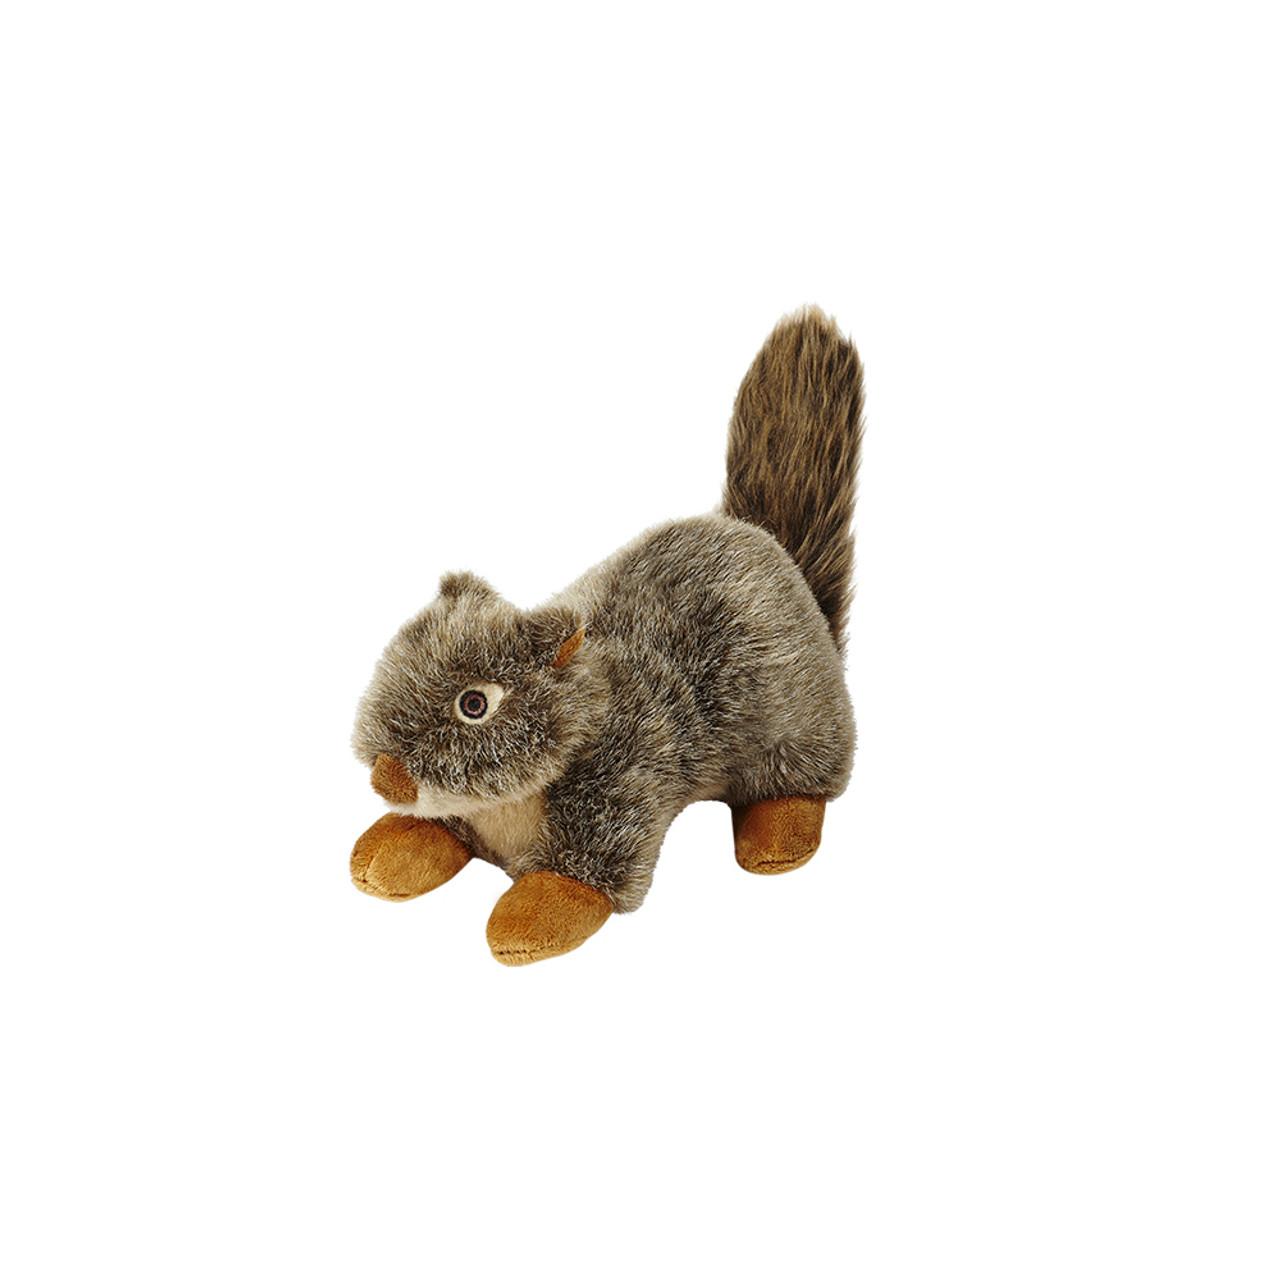 Fluff & Tuff Nuts Squirrel Plush Dog Toy